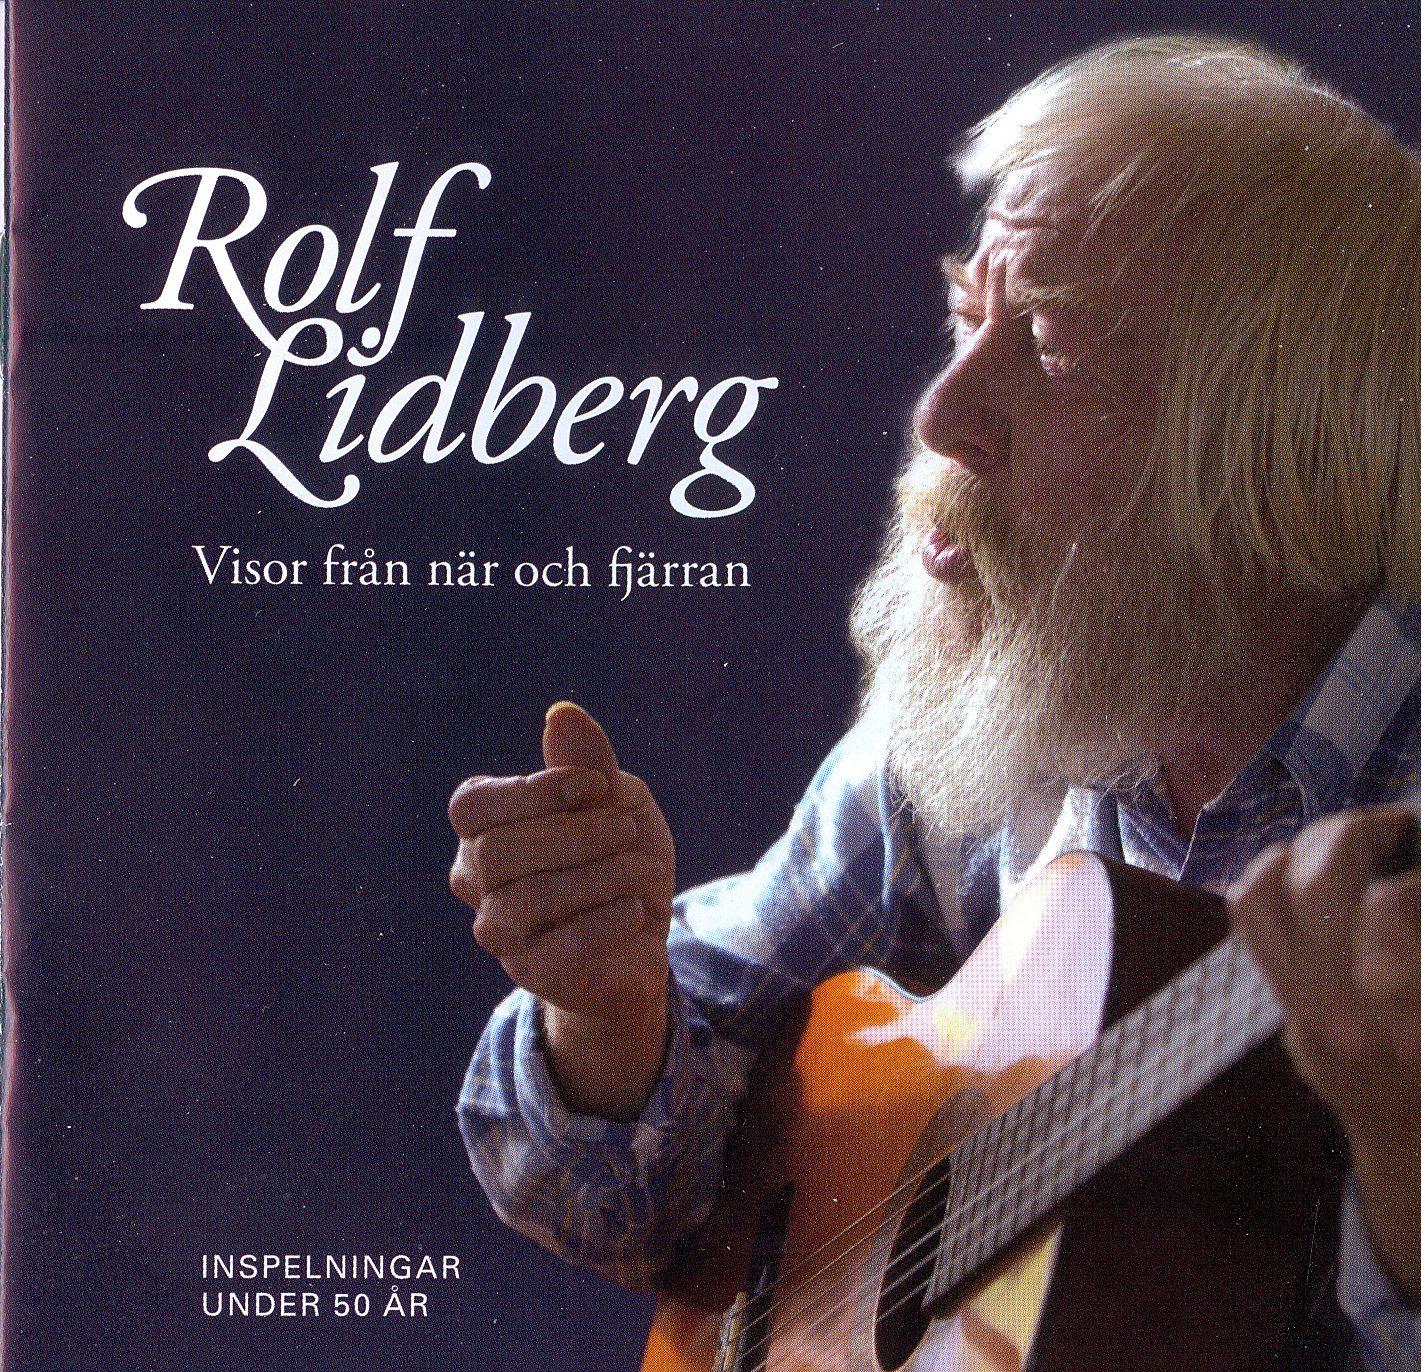 Rolf Lidberg Visor från när och fjärran